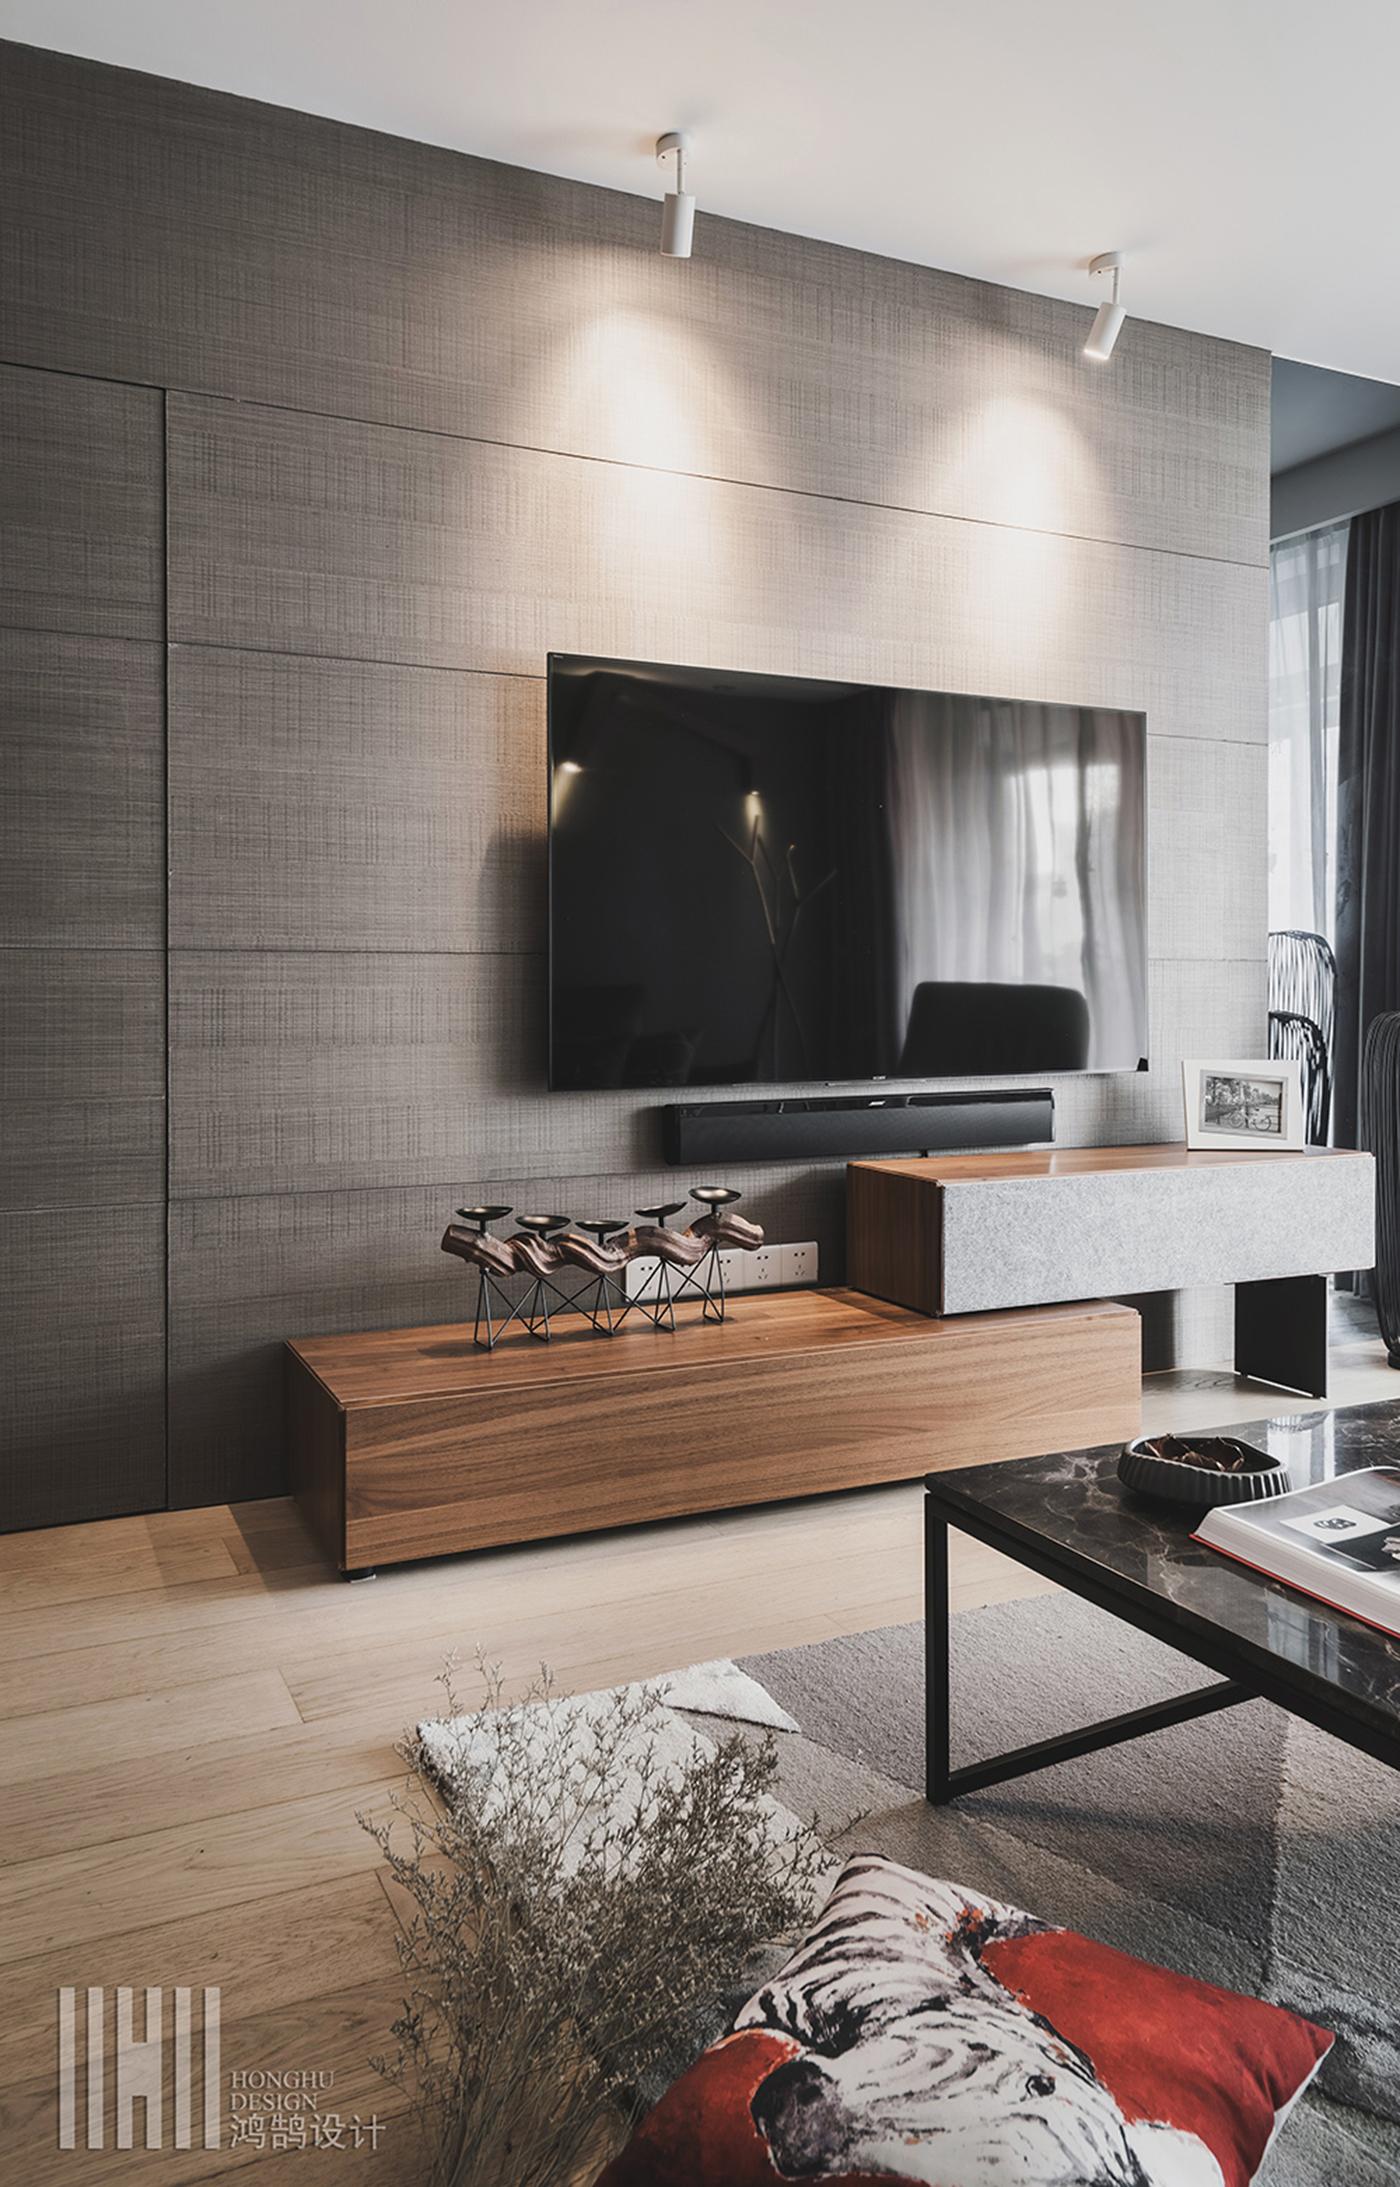 130㎡现代简约风格电视背景墙装修效果图